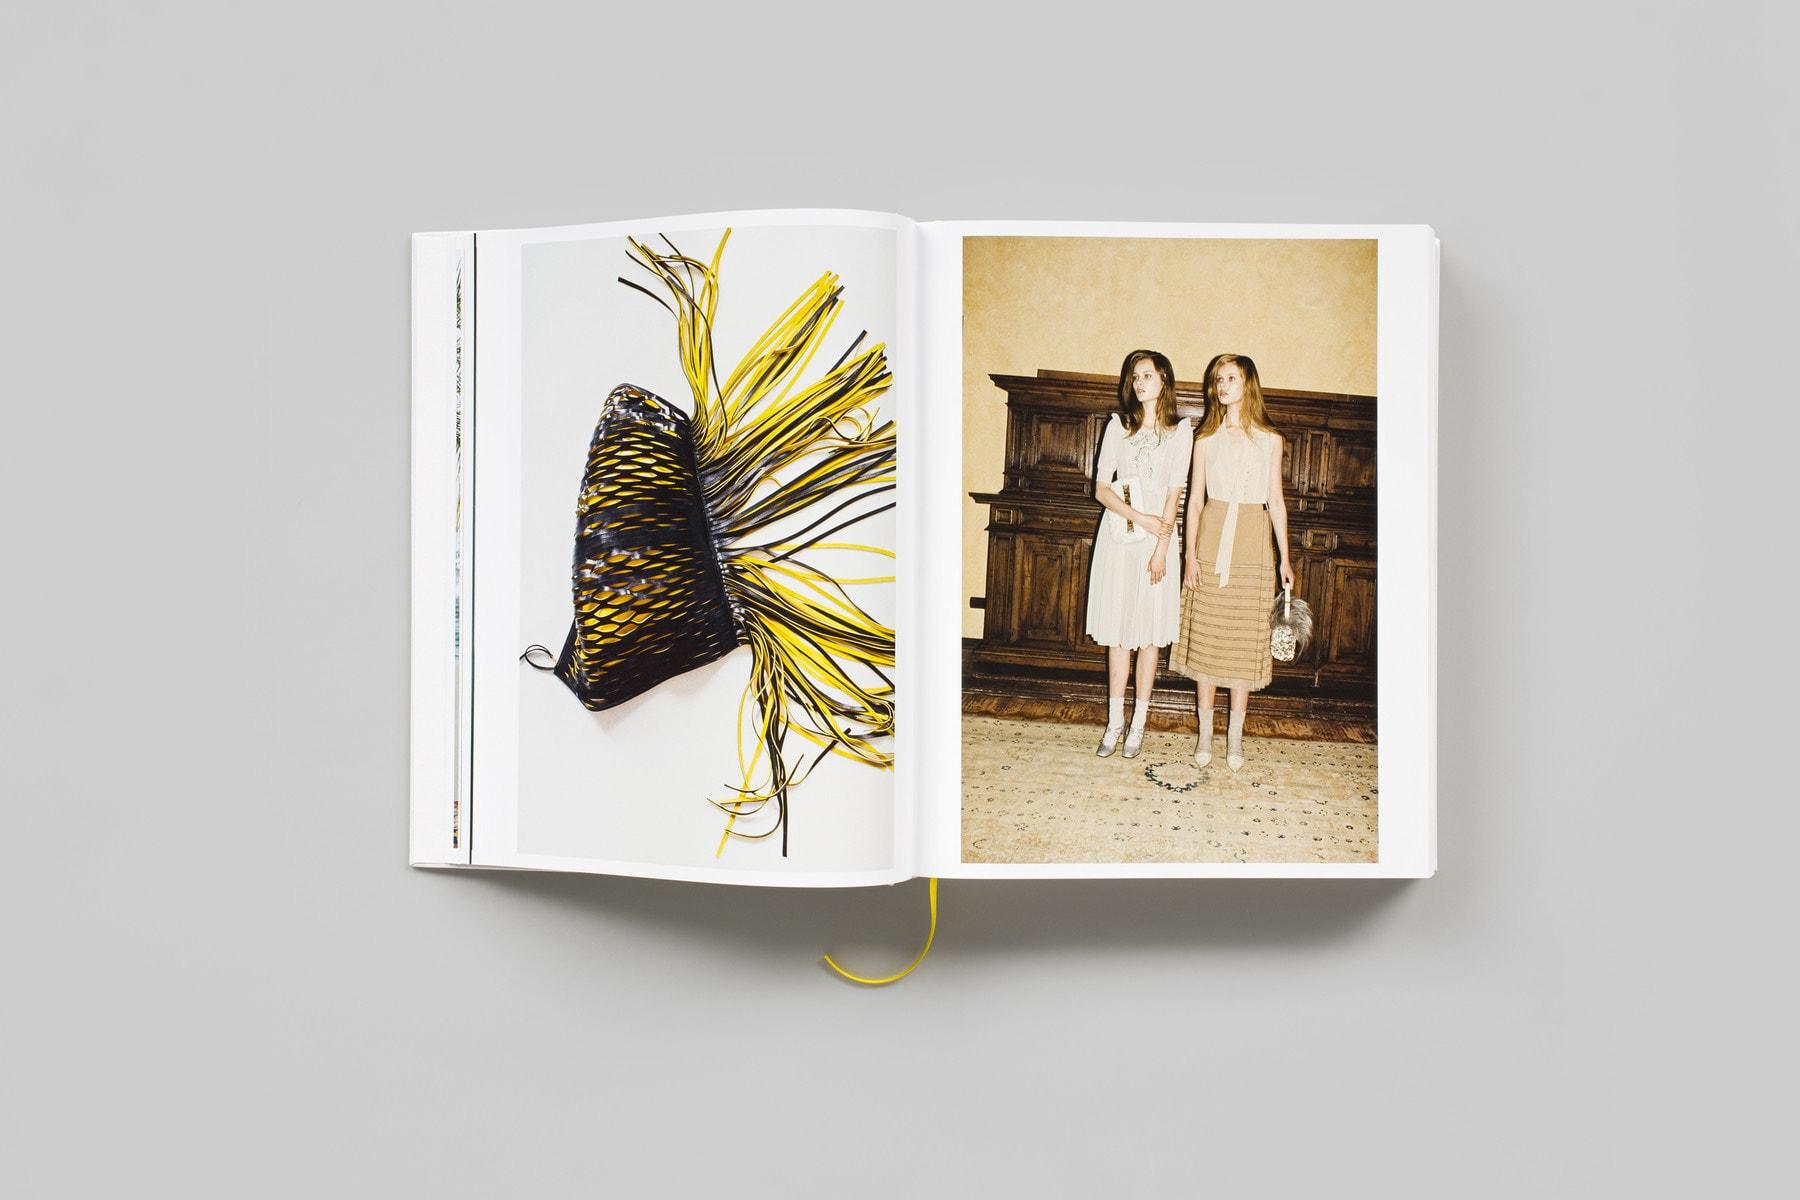 書店員がピックアップする6月のおすすめ写真集【Shelf編】 | ヨーガン・テラー『Handbags』